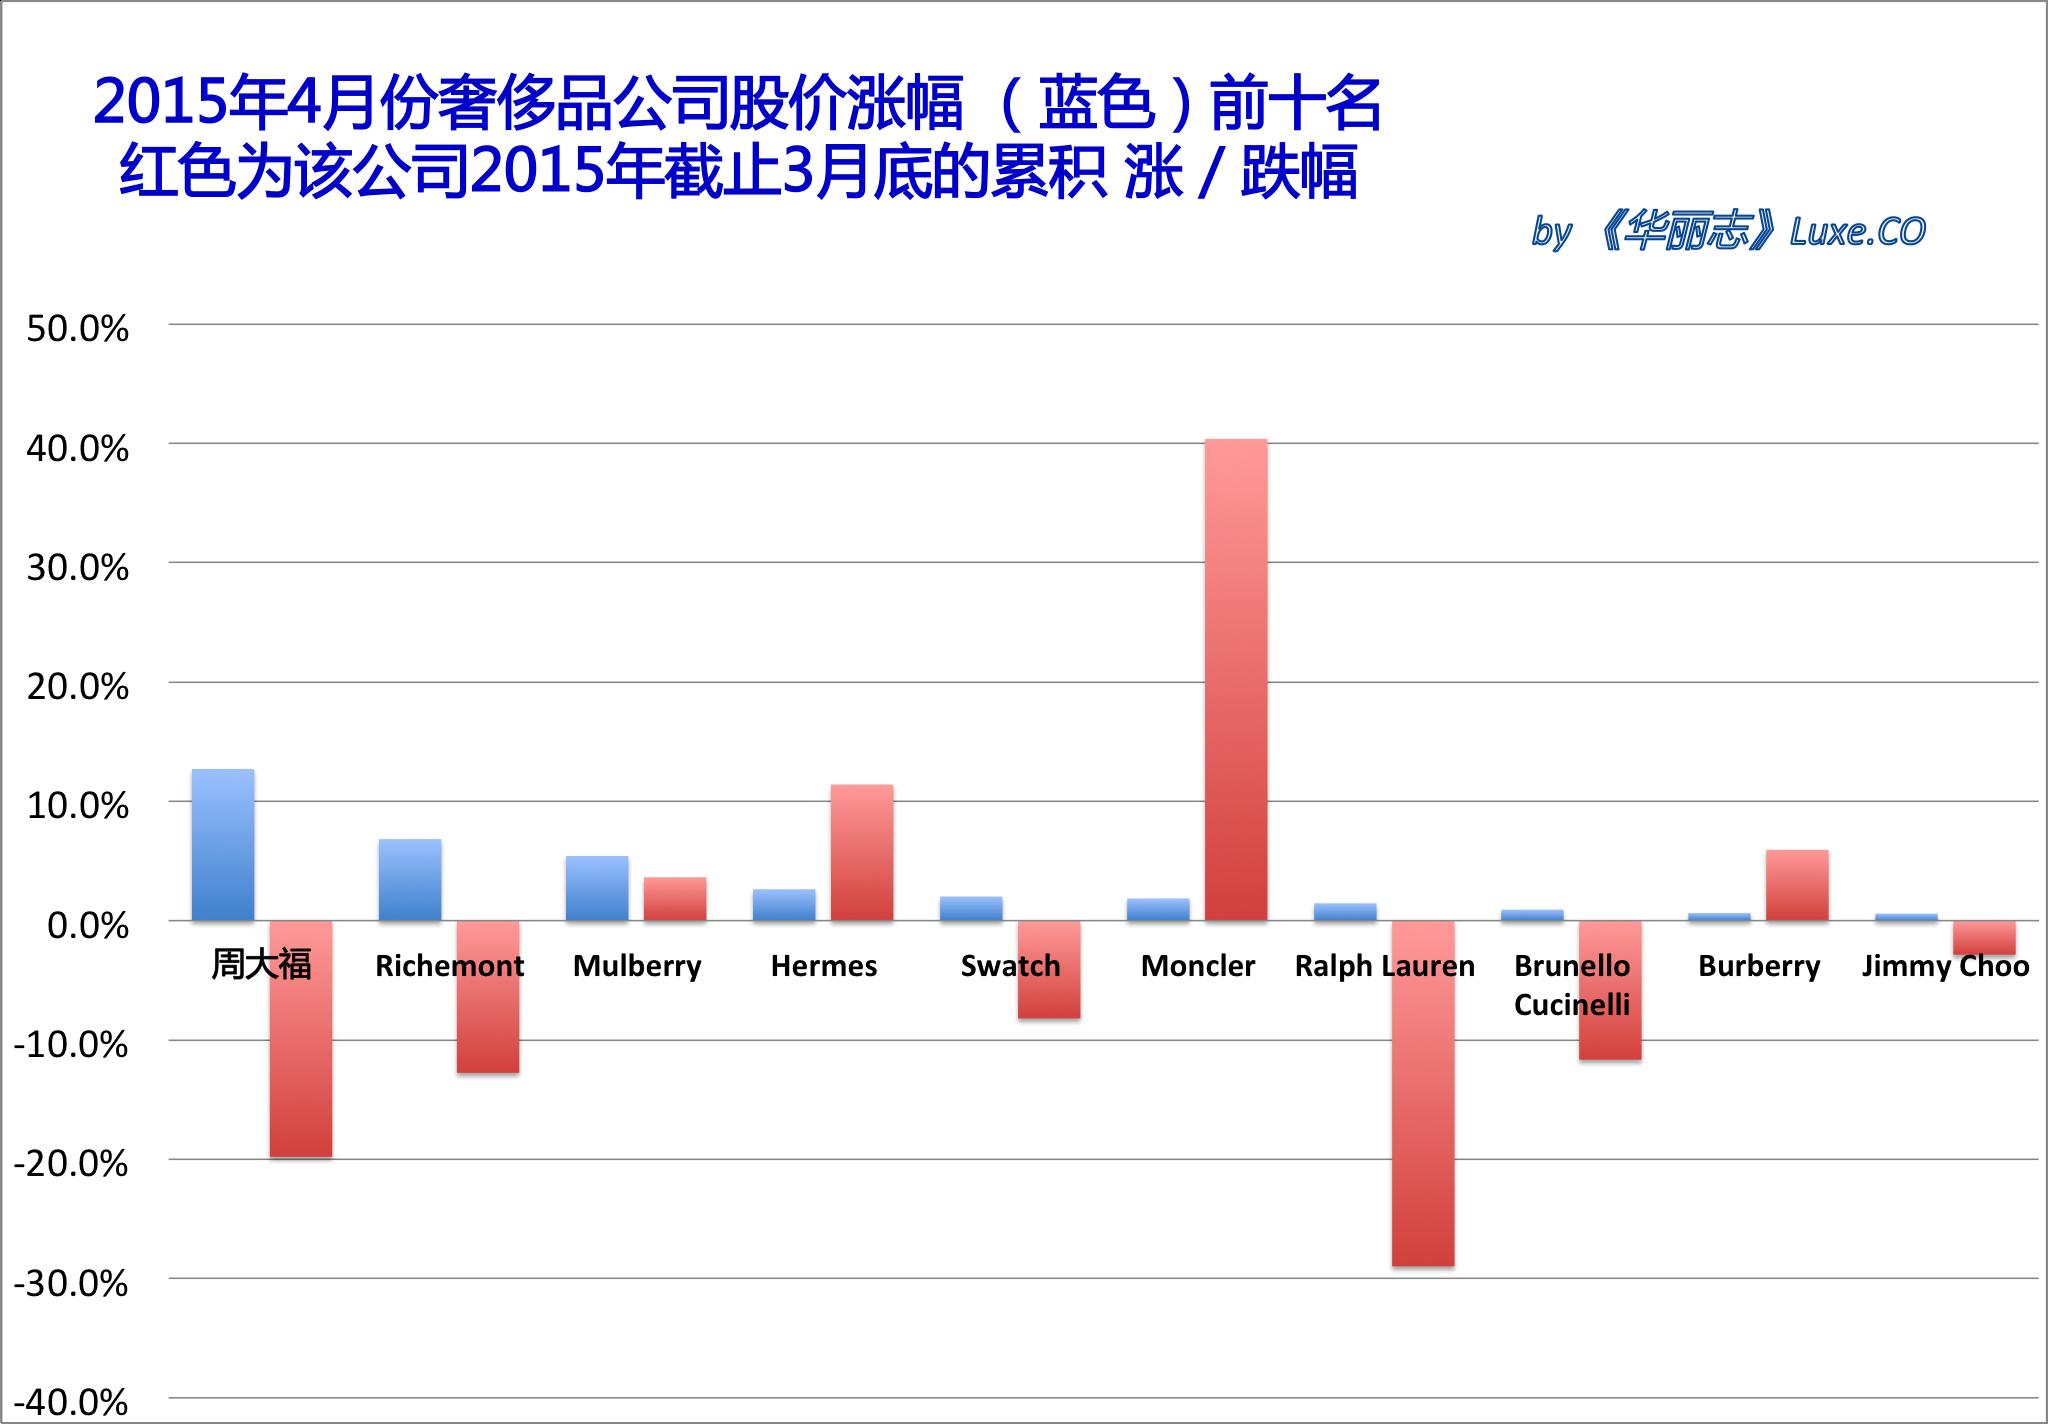 《华丽志》奢侈品股票月度排行榜 (2015年4月)